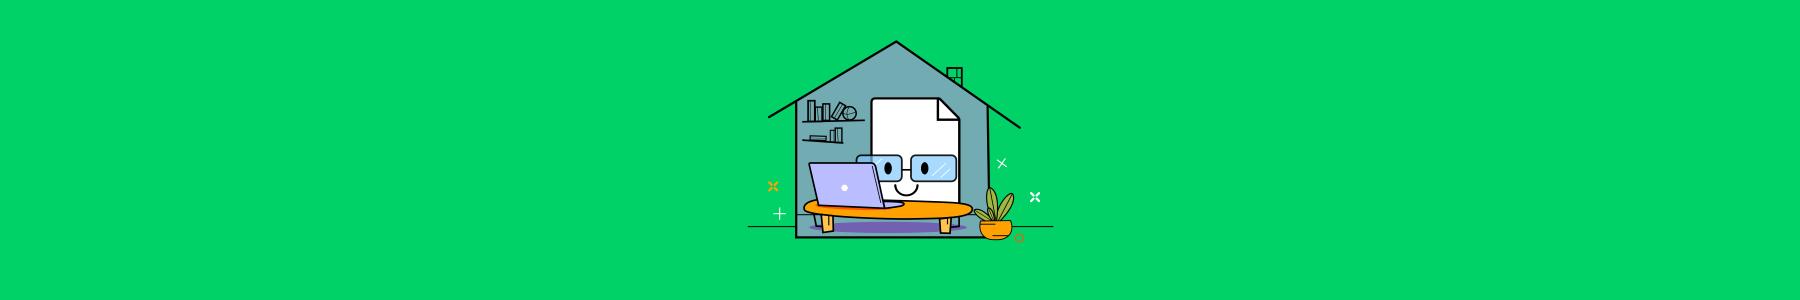 2020-04-28-como-compartir-archivos-online-trabajo-desde-casa